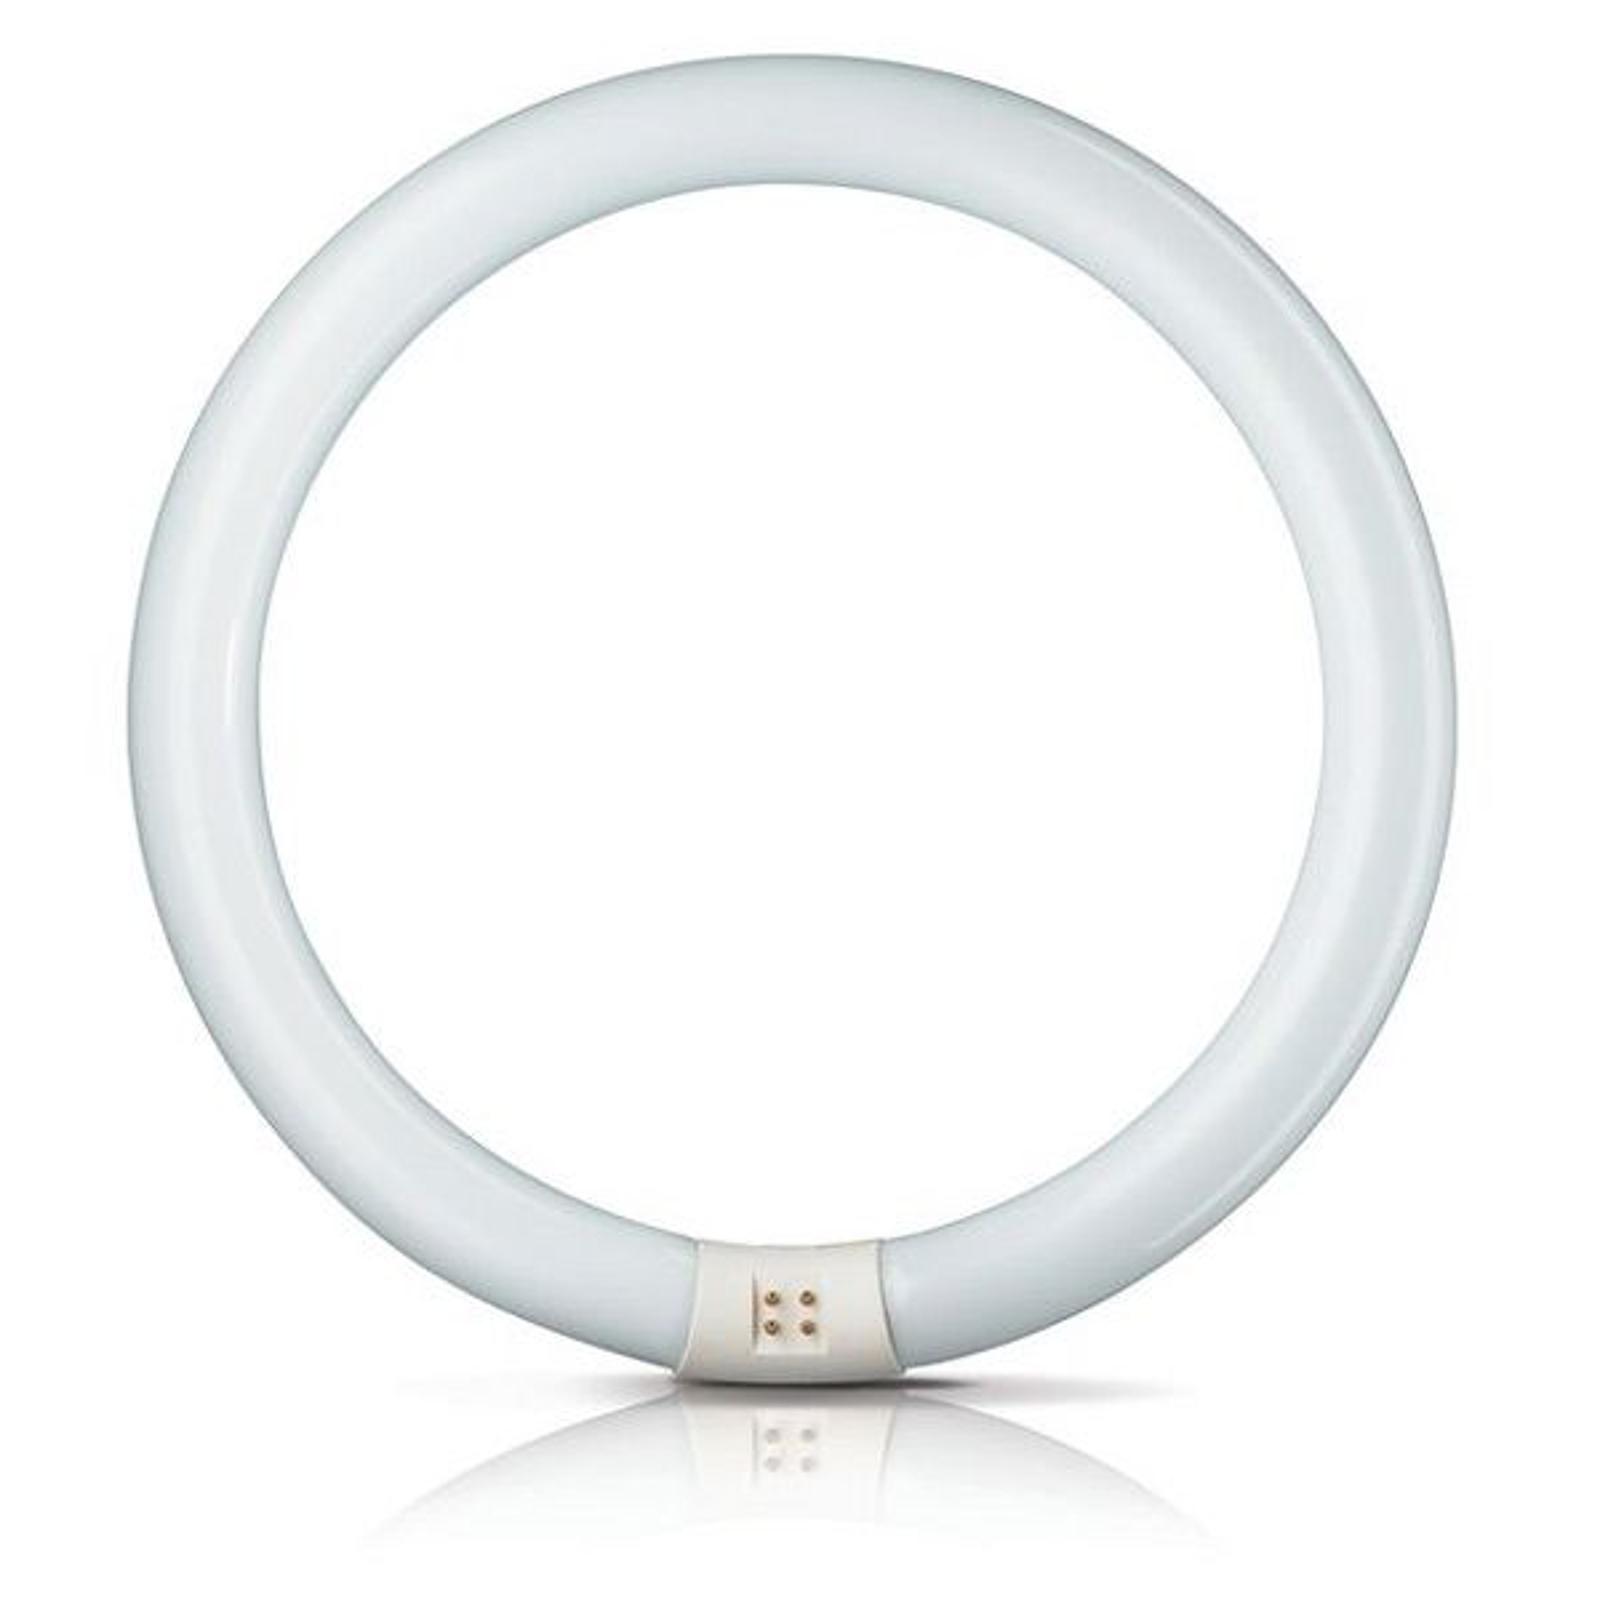 G10q 40W 840 Pyöreä loistel. Master Circular TL-E